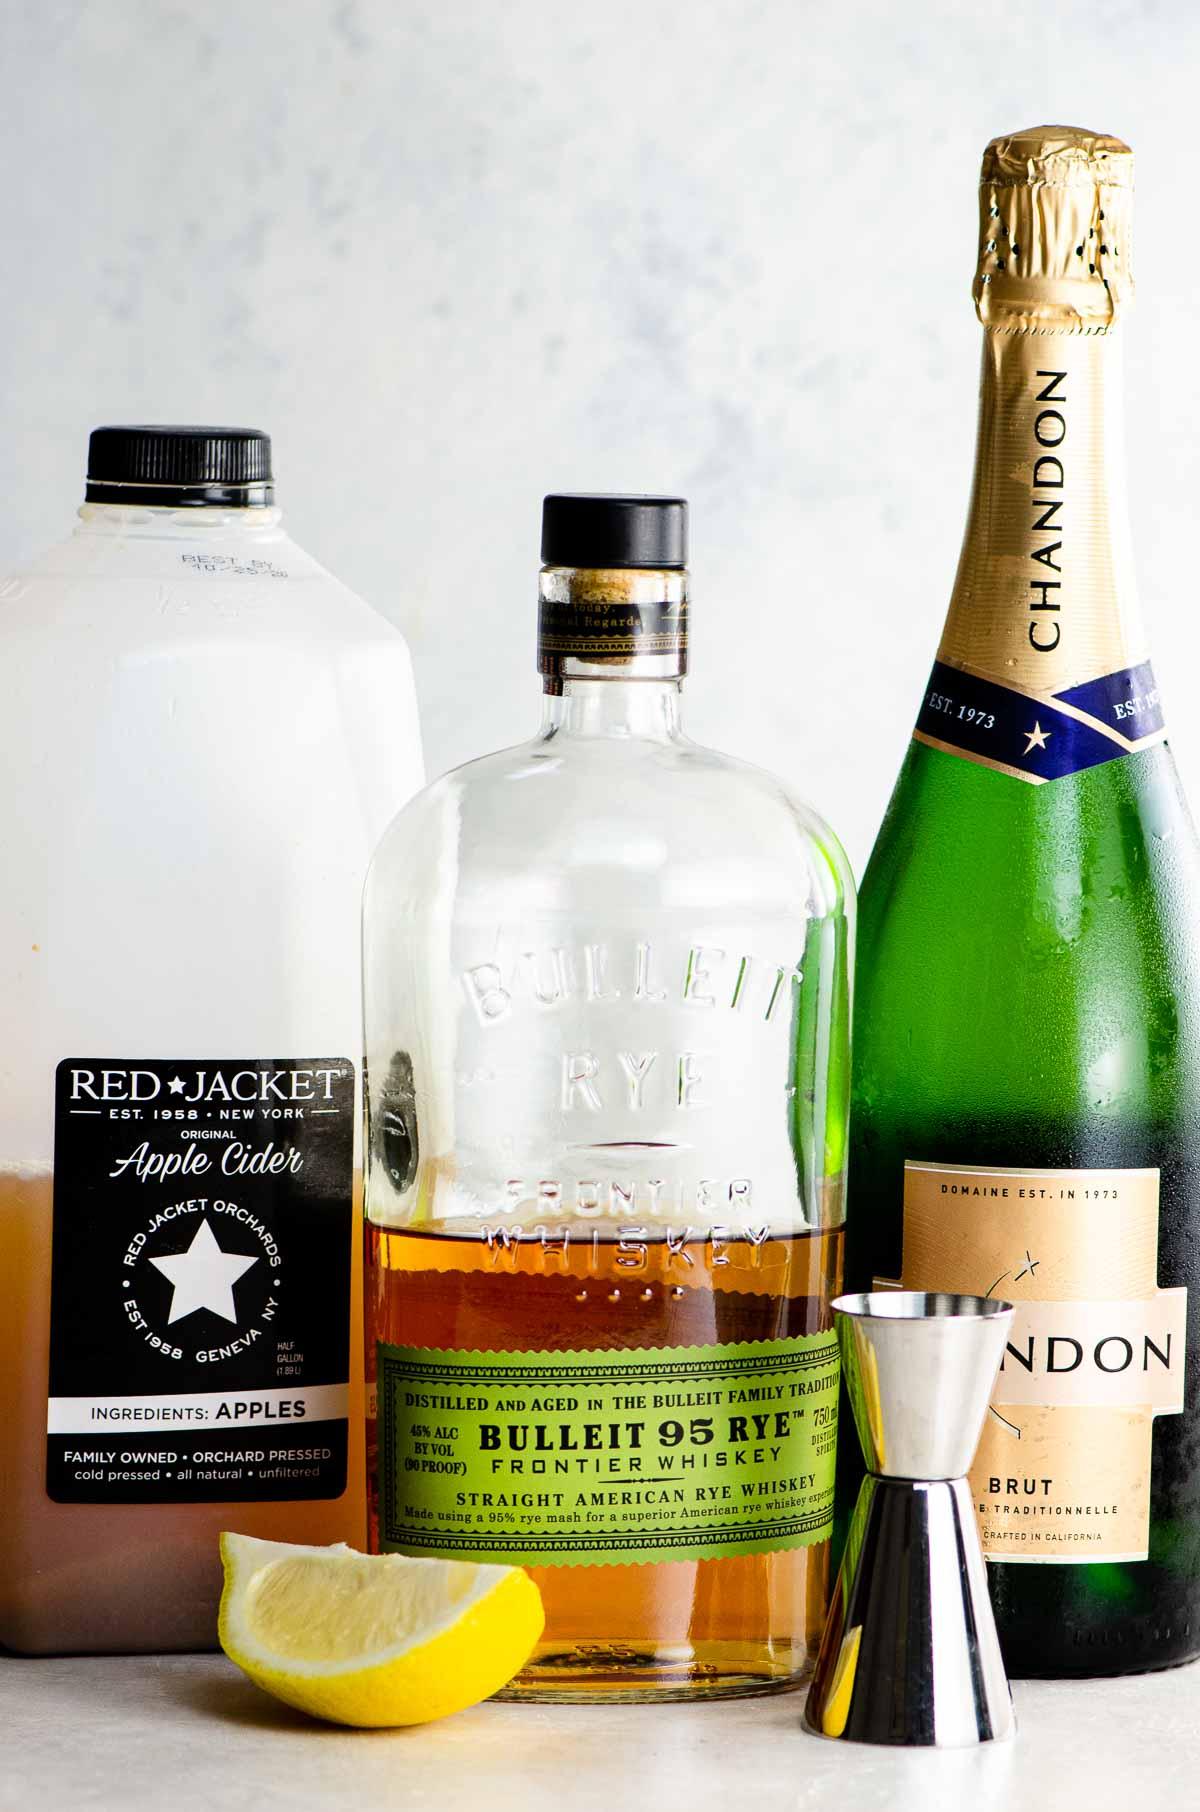 ingredients in their bottles